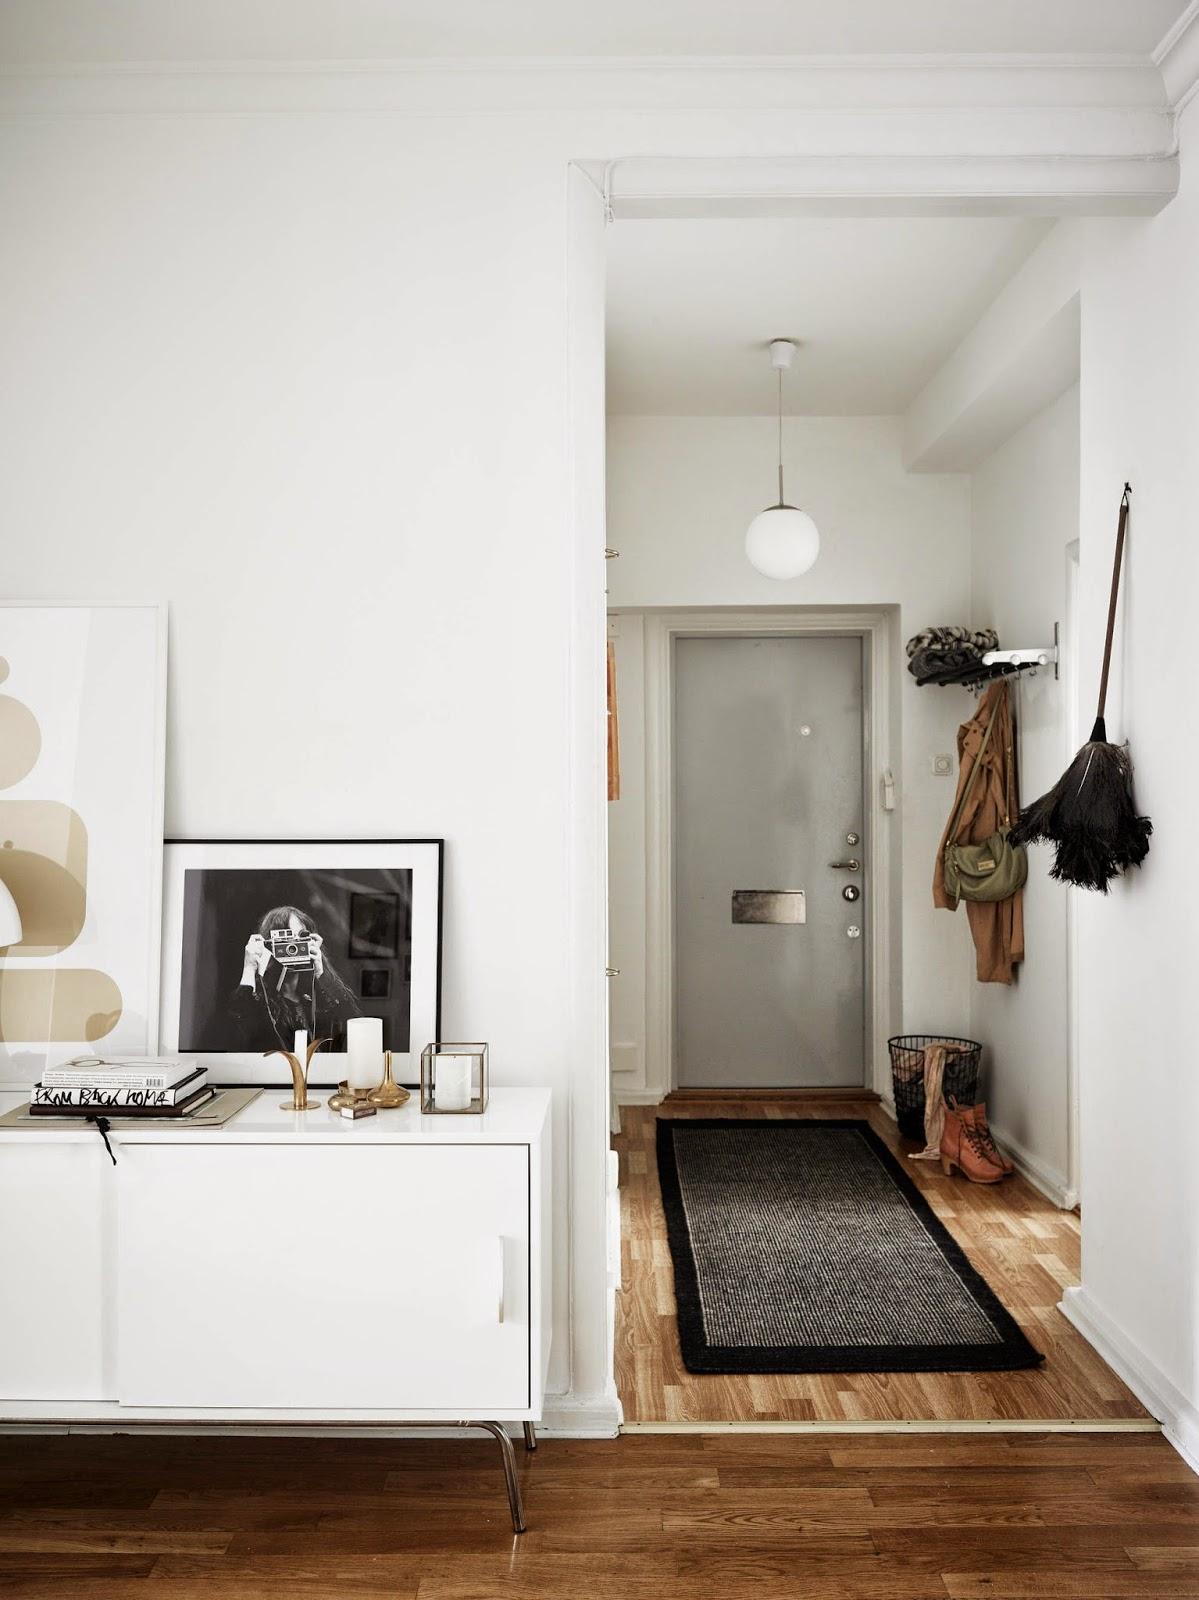 Apartamento funcional decorado con estilo n rdico for Idee per arredare un piccolo ingresso